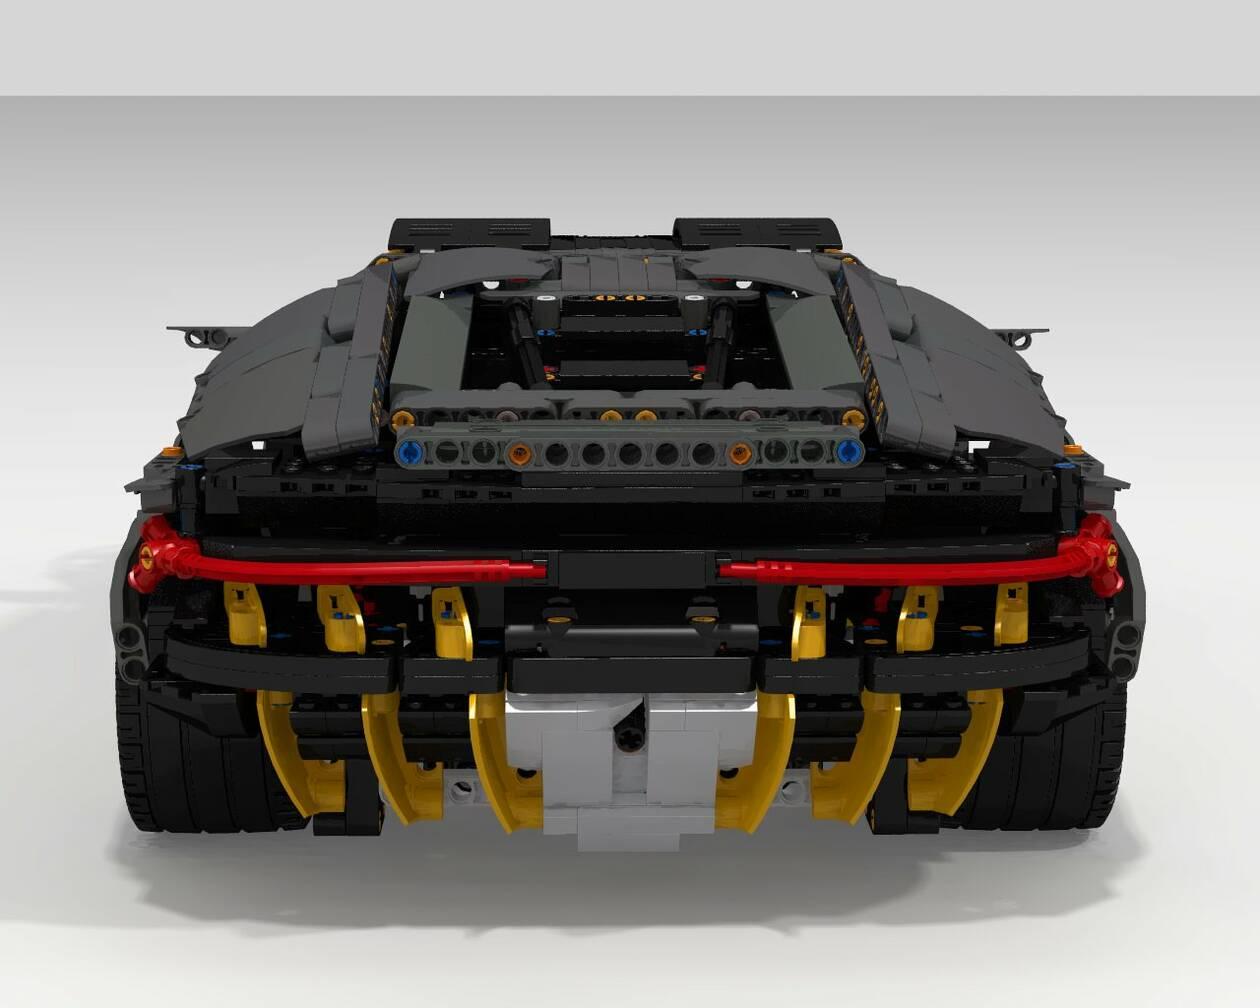 LAMBORGHINI-CENTENARIO-LEGO-2.jpg